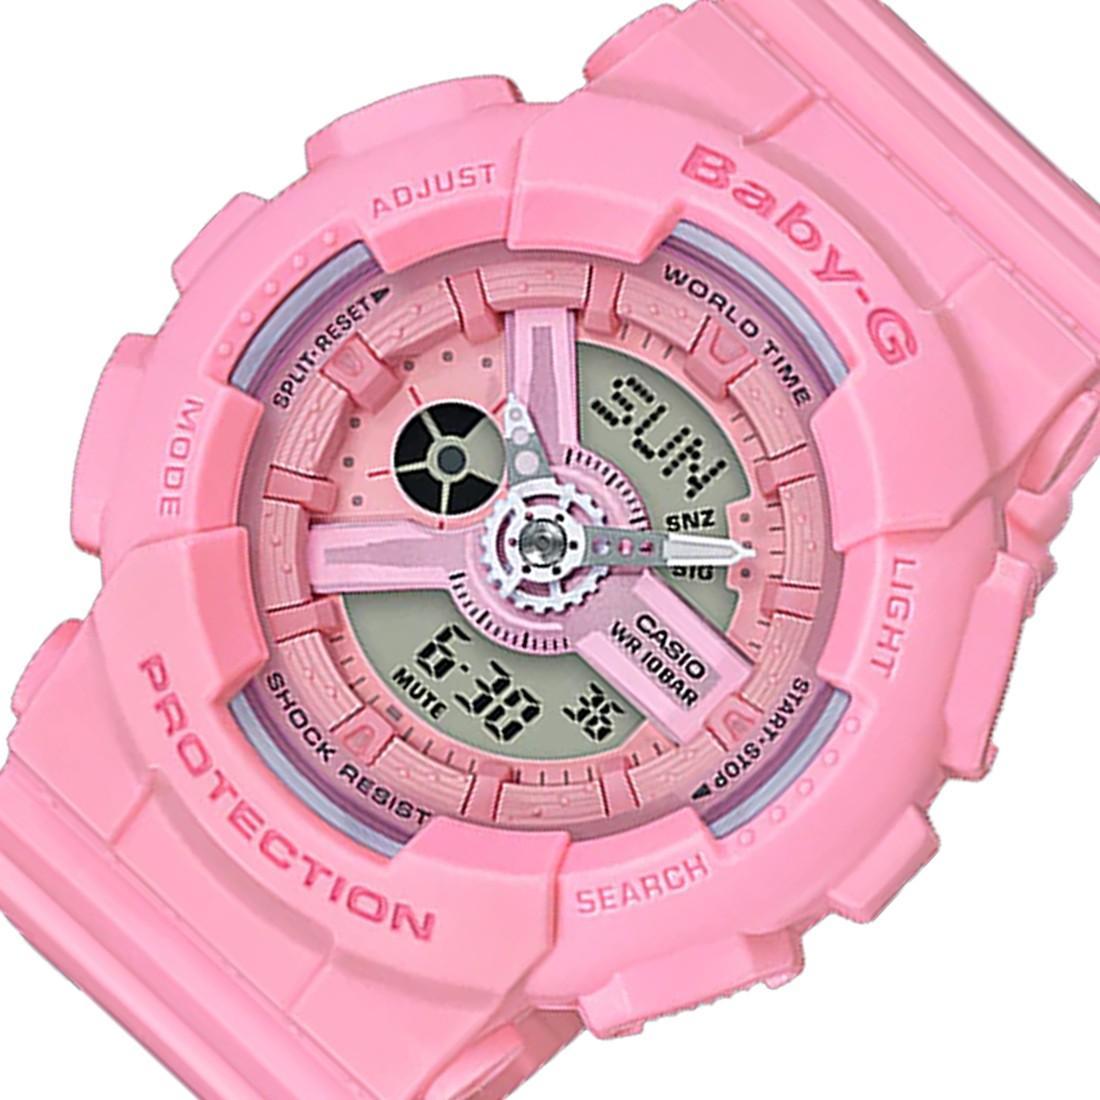 Jual Produk Casio Baby G Terlengkap Bg 6903 8 Abu Ba 110 4a1 Jam Tangan Wanita Pink